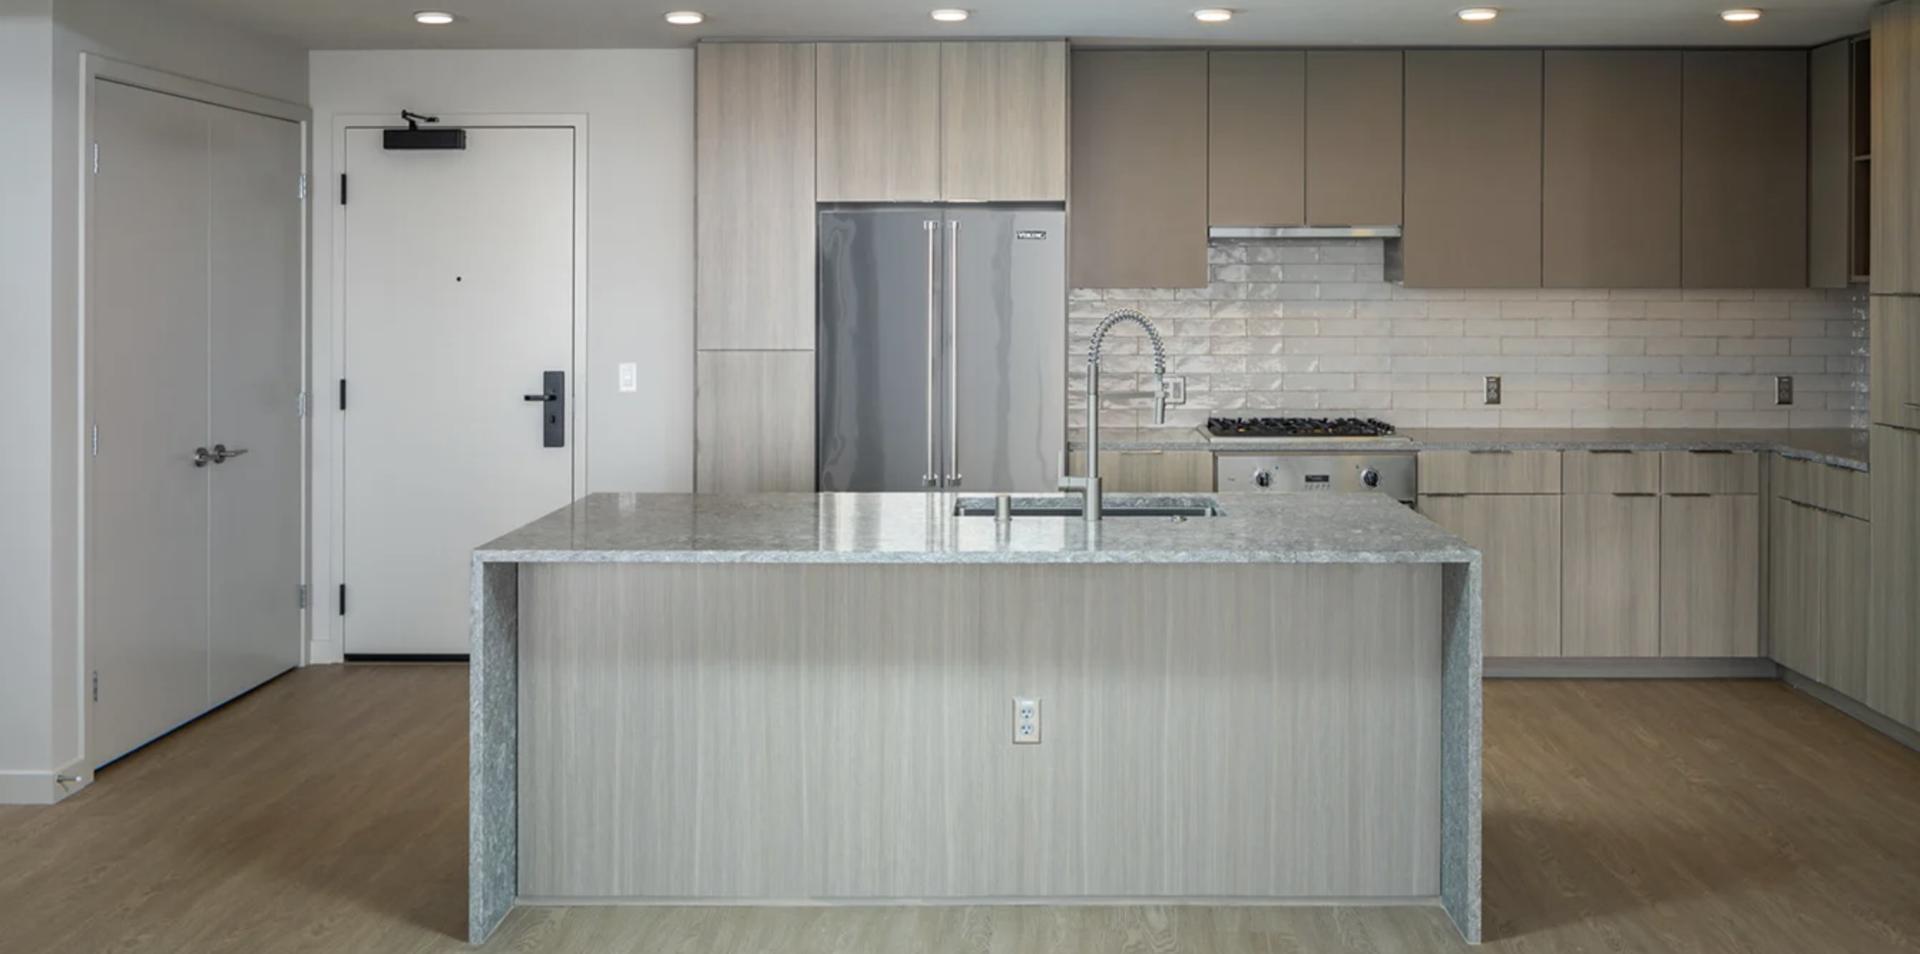 601 11th Avenue #1216, San Diego, CA - $4,830 USD/ month